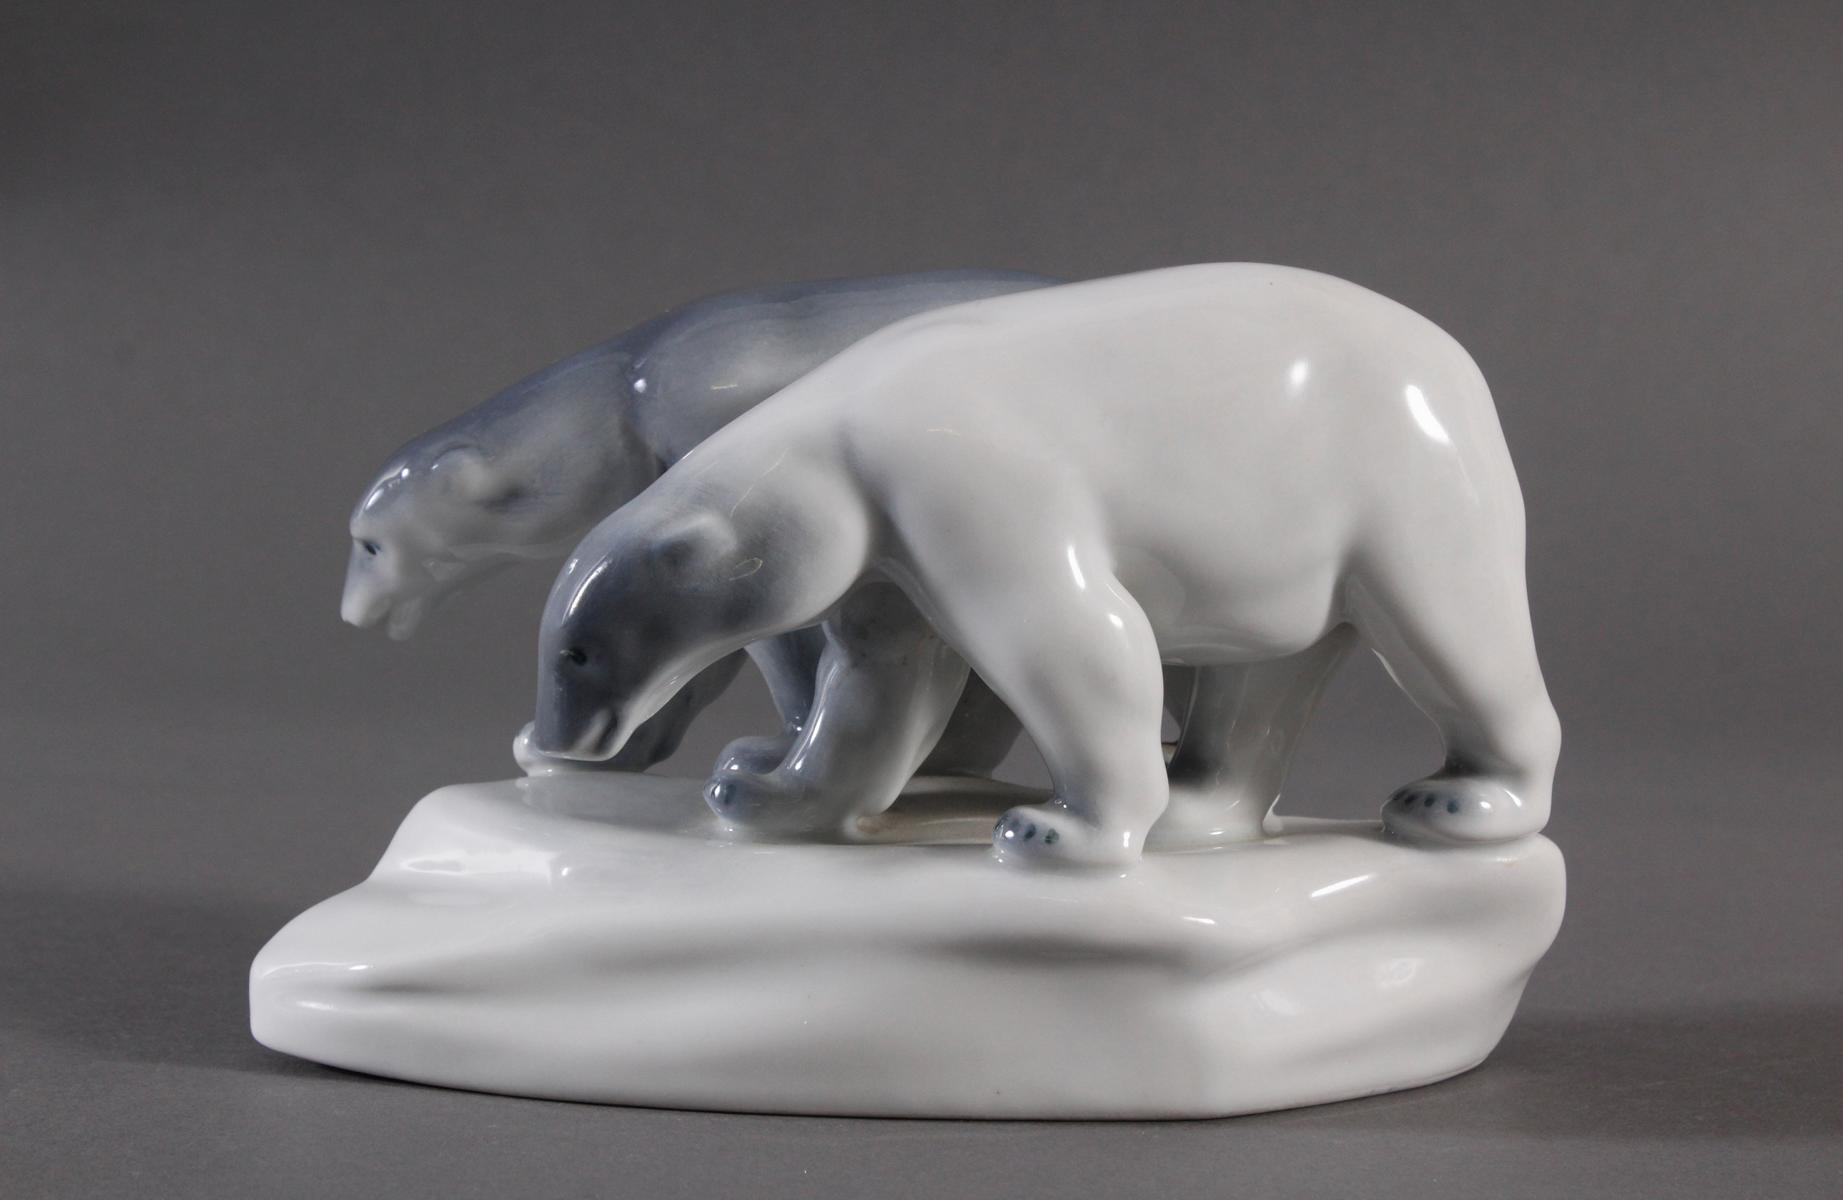 Porzellanfigur, Ungarn, 'Eisbären'-2